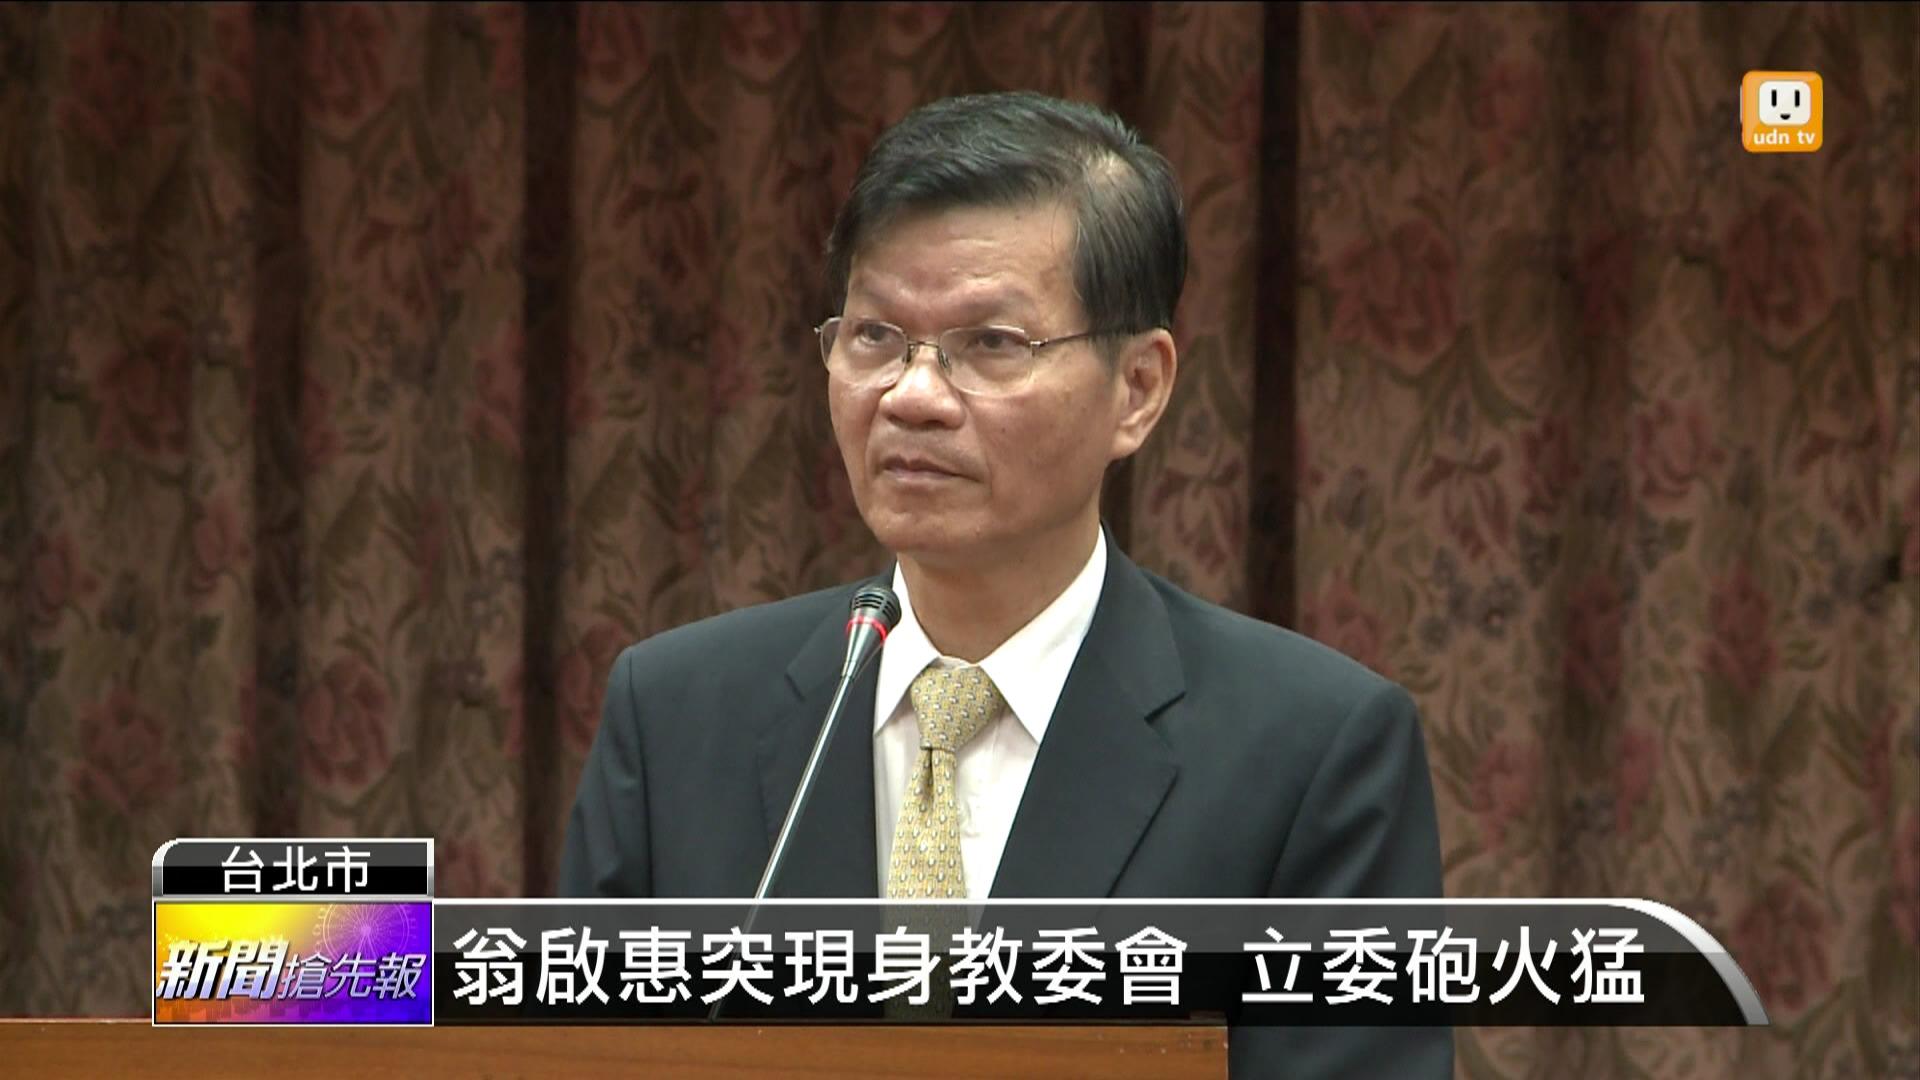 翁啟惠突出席教委會 立委要求辭職